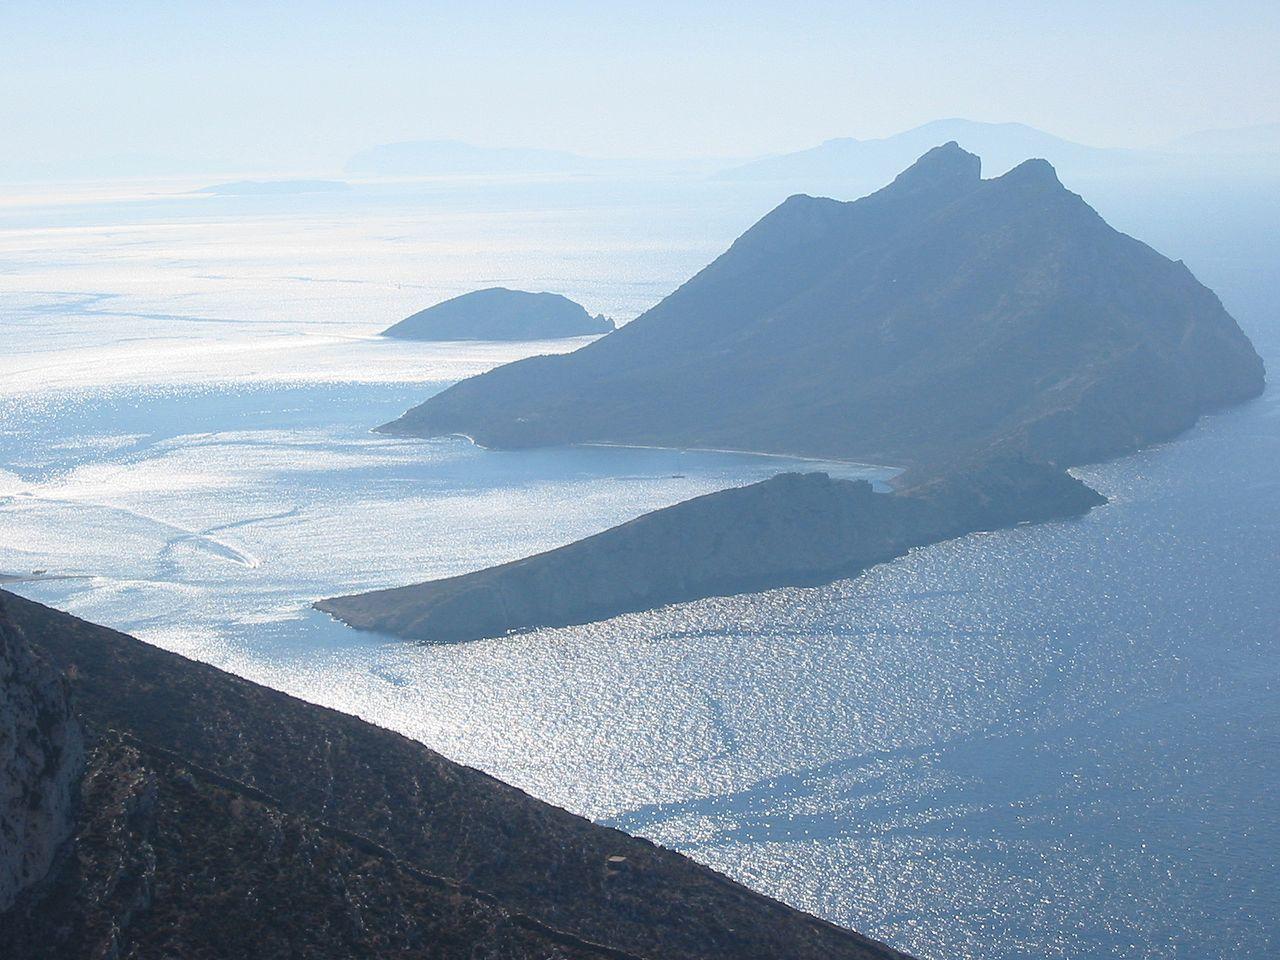 otok-nikouria-secret-world